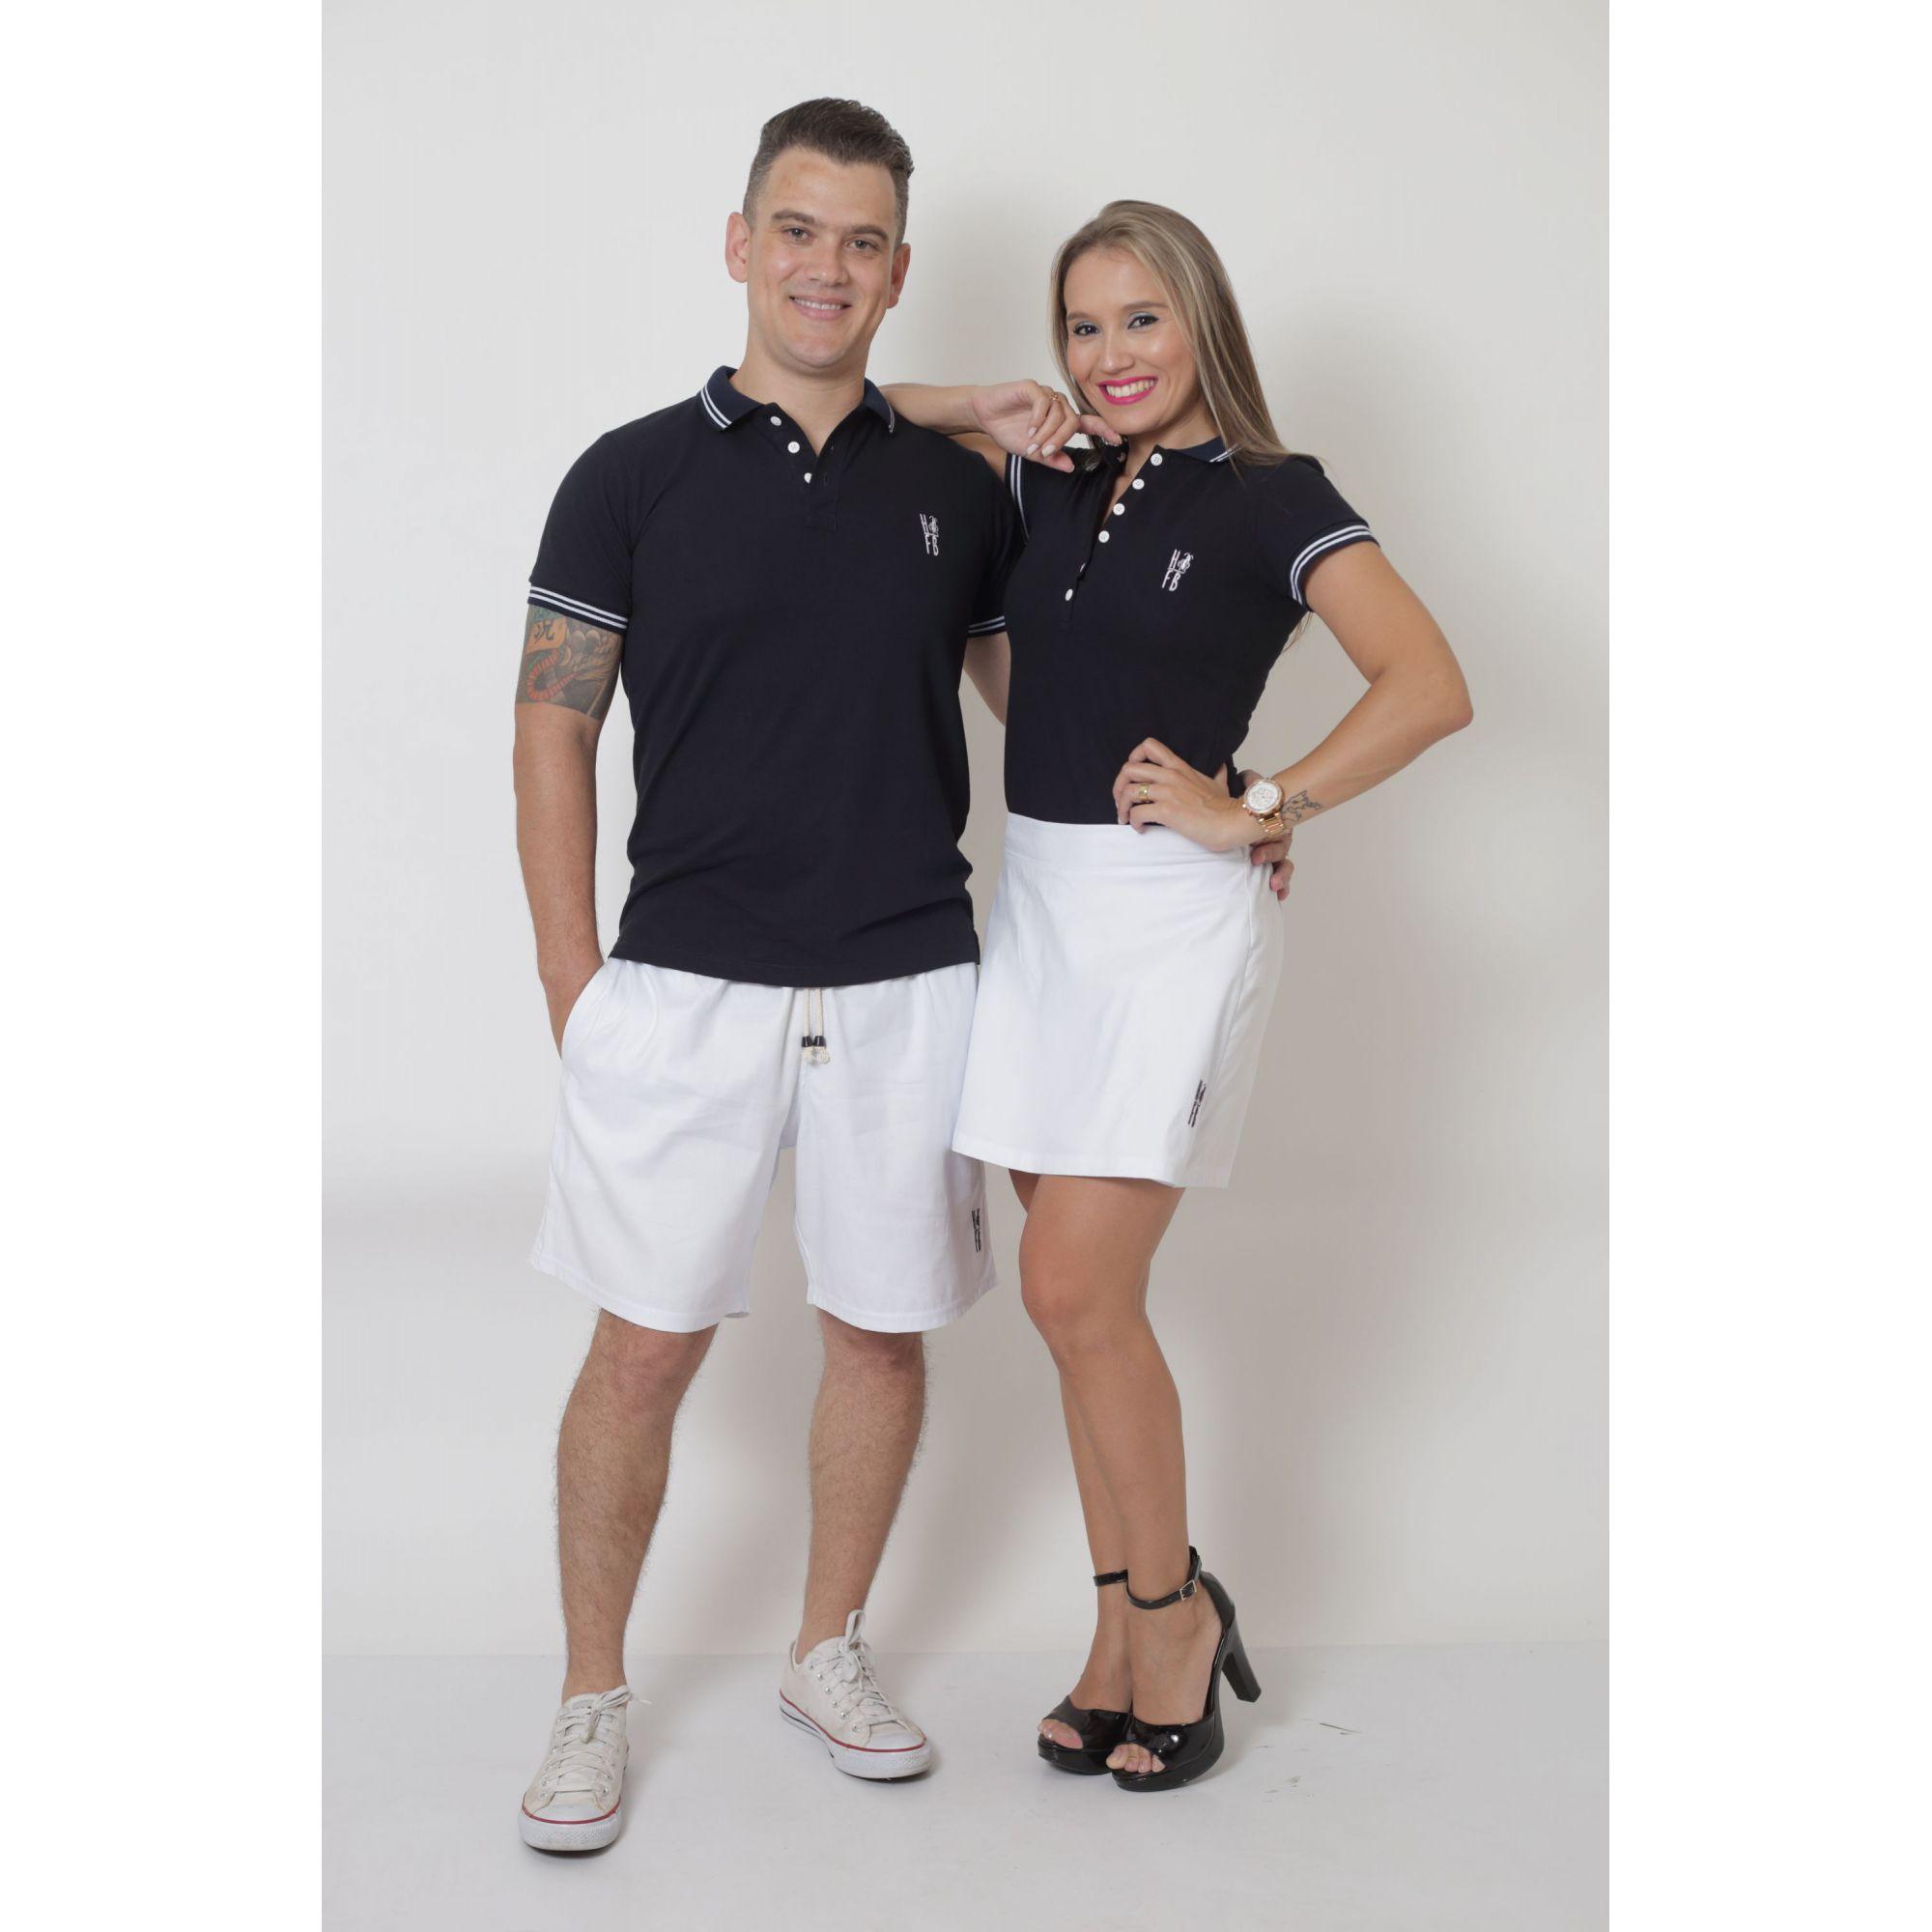 NAMORADOS > Kit 02 Peças Bermuda Masculina + Shorts Saia Feminina Branca [Coleção Namorados]  - Heitor Fashion Brazil